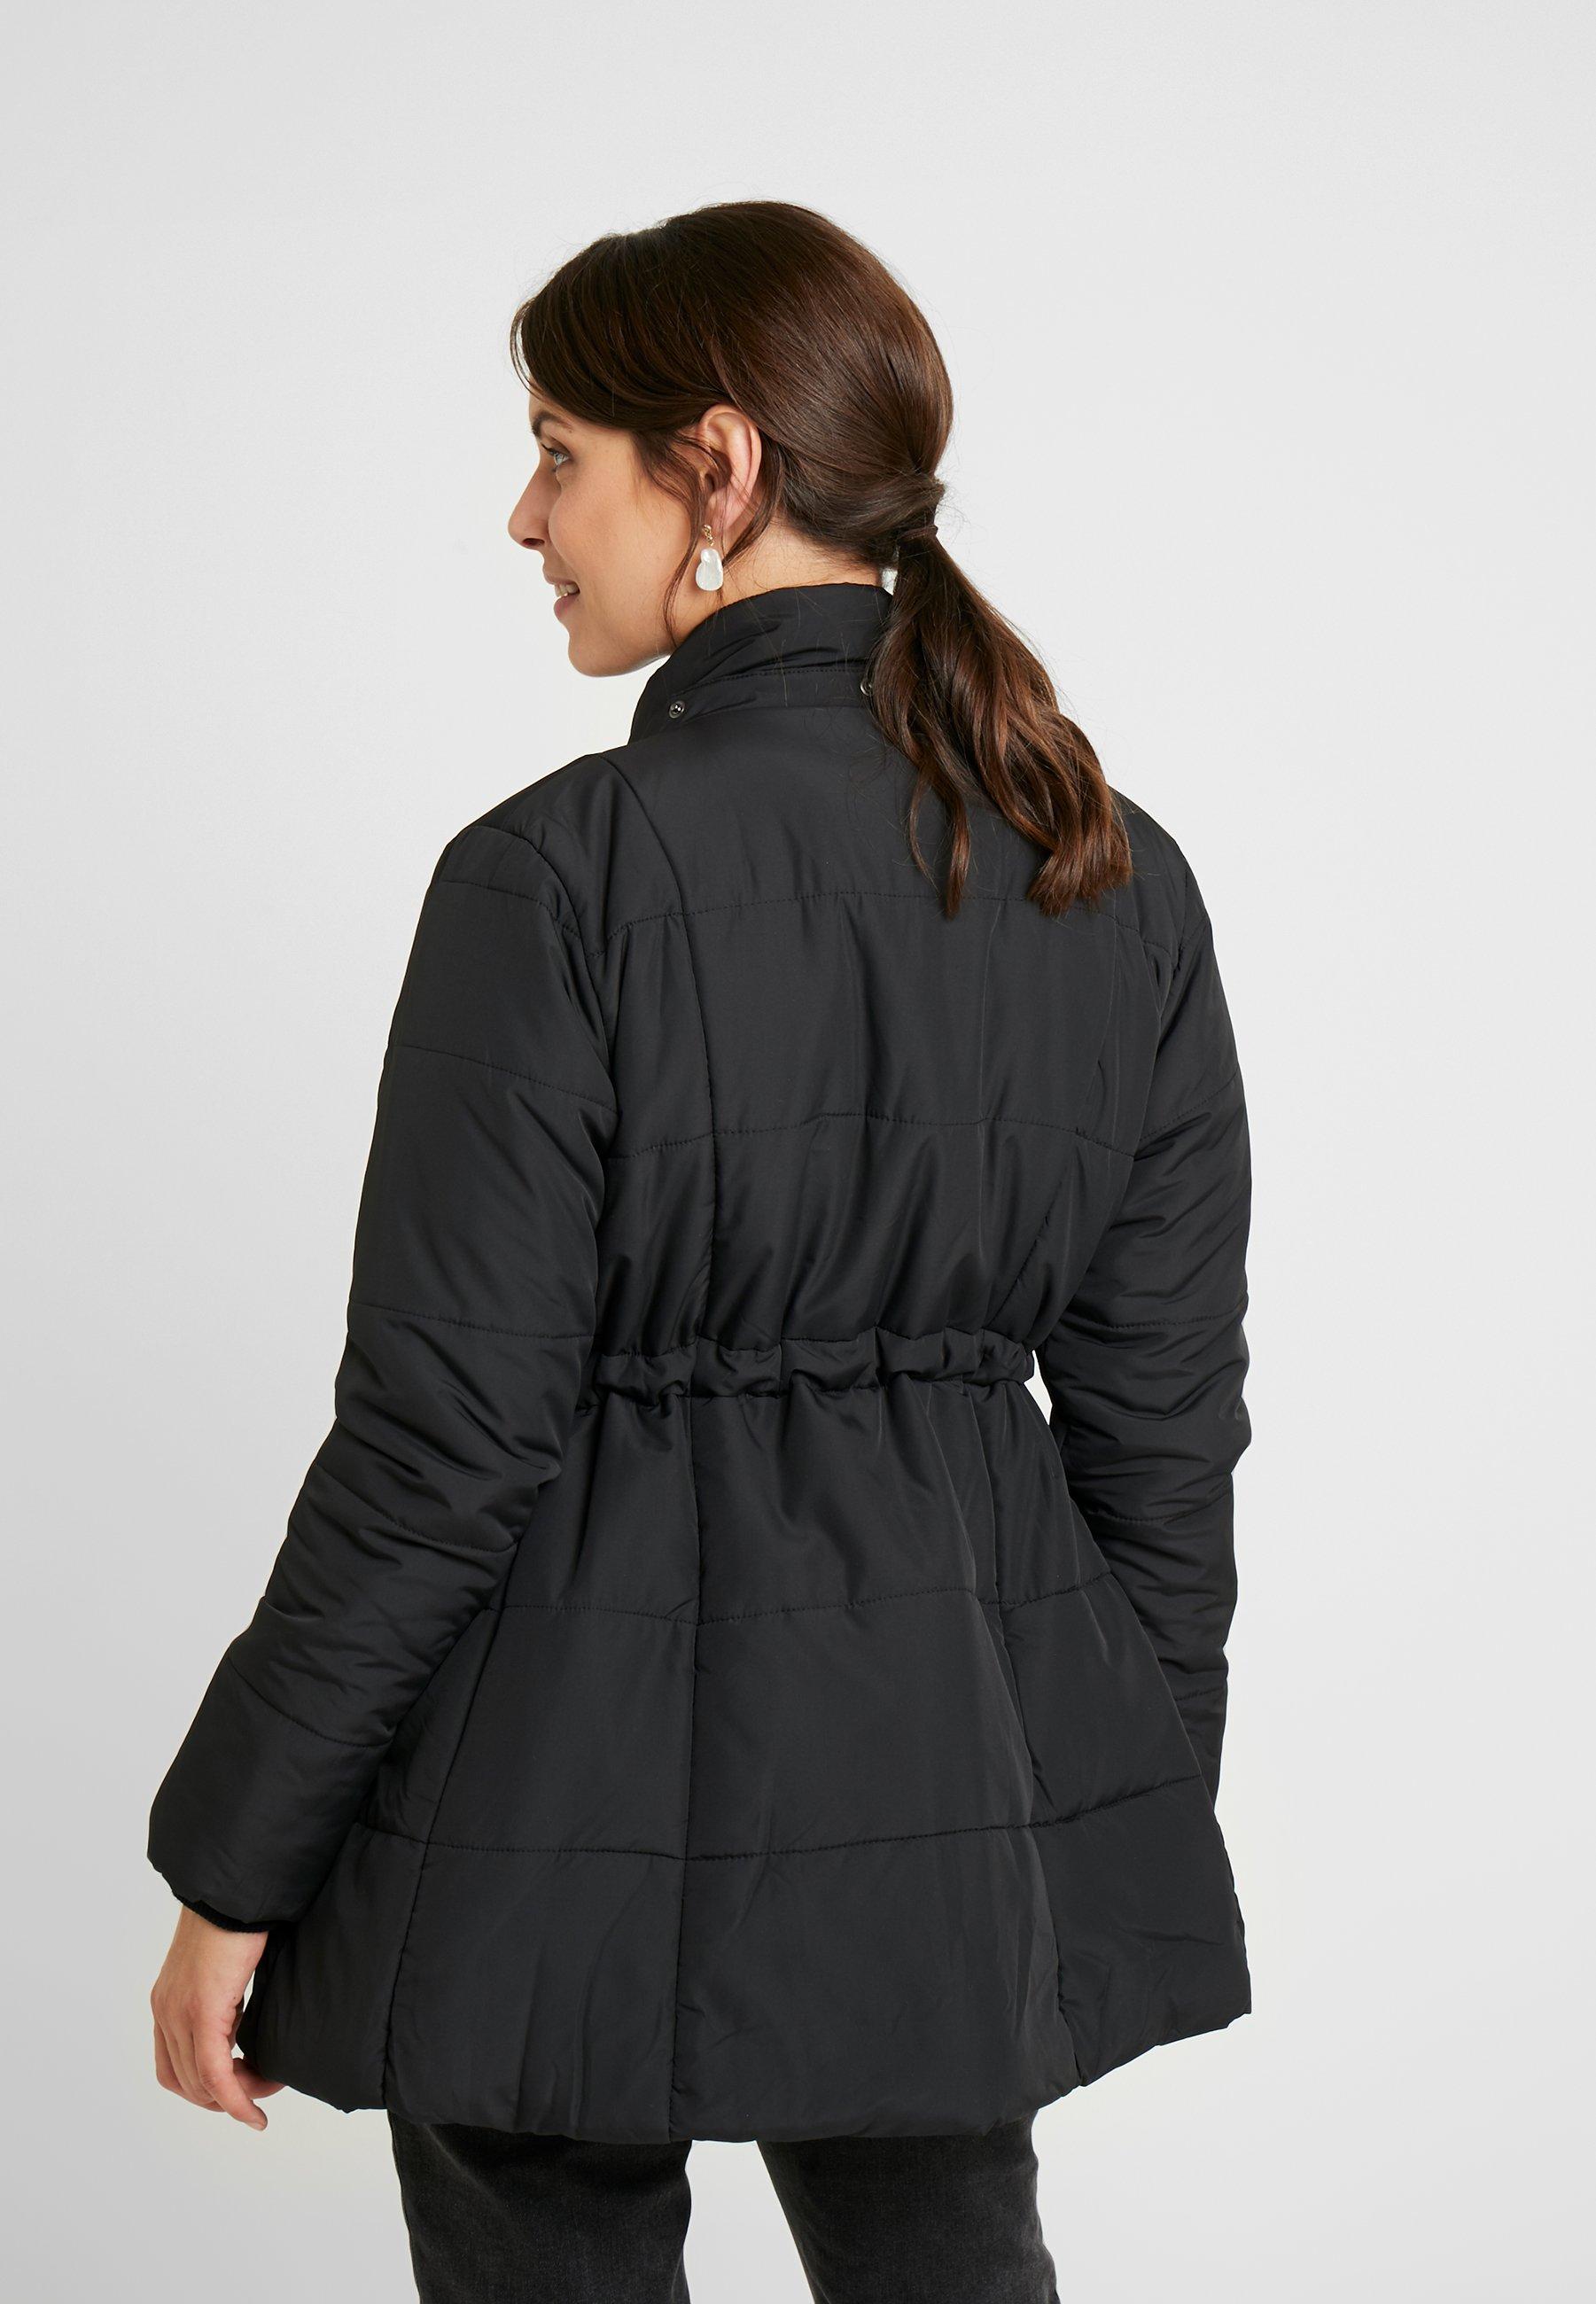 Jojo Maman Bébé 3 In 1 Padded Jacket - Parka Black